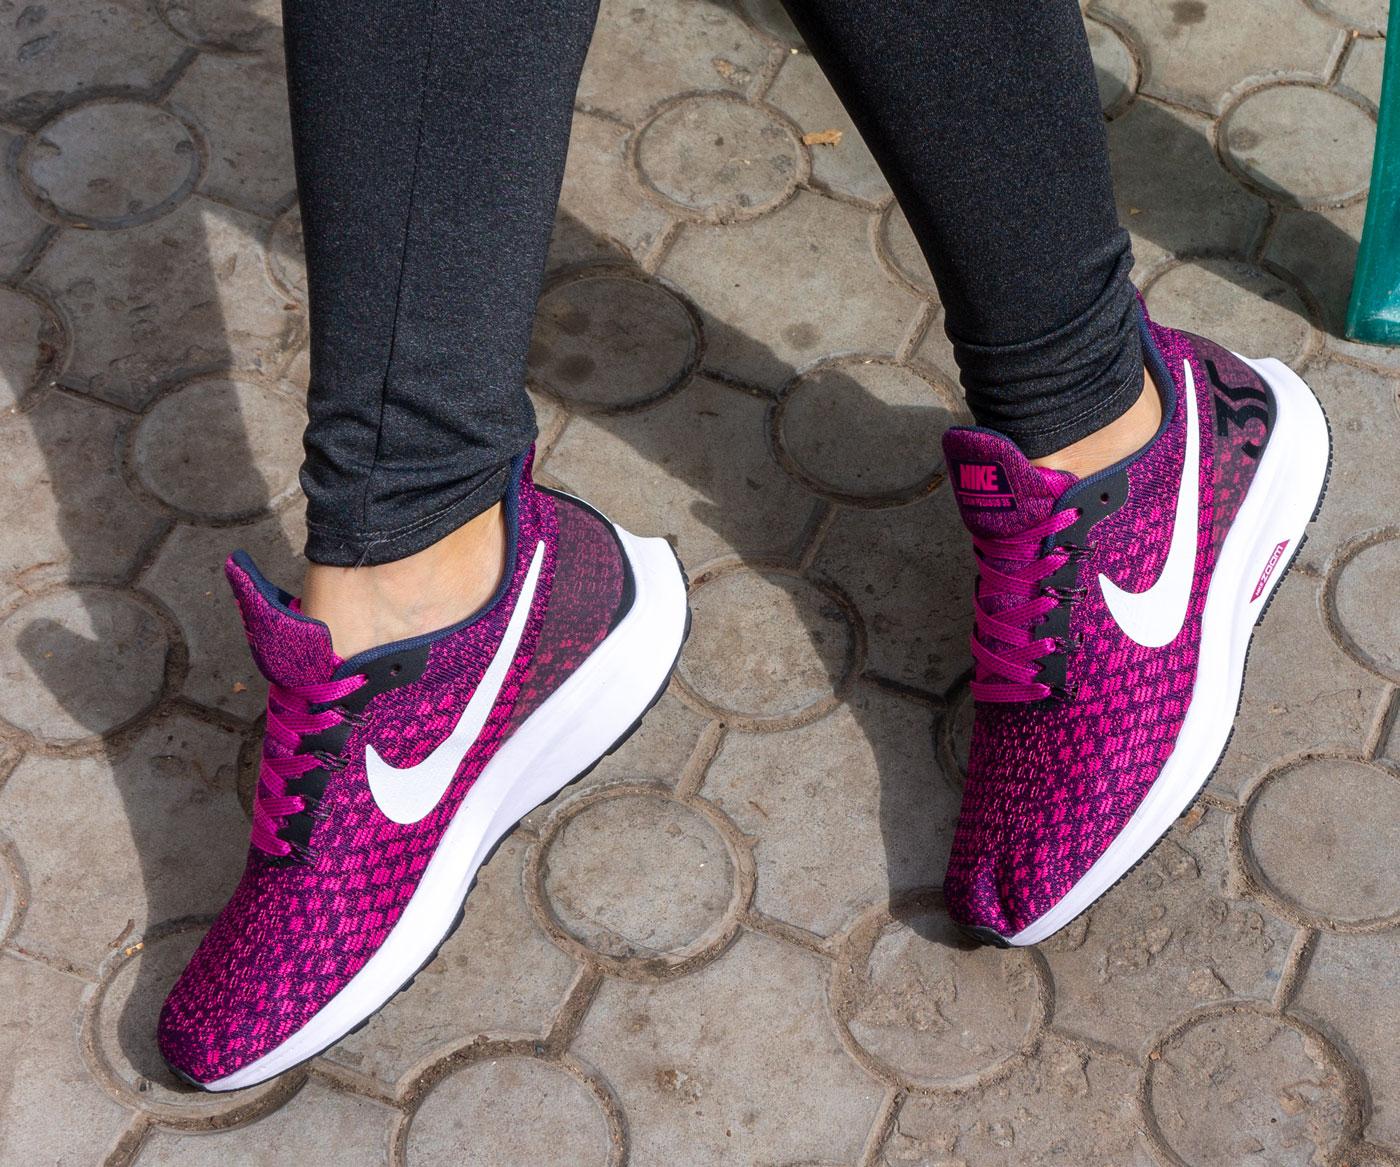 фото - Женские кроссовки для бега Nike Zoom Pegasus 35 бордовые. Топ качество! на ноге.